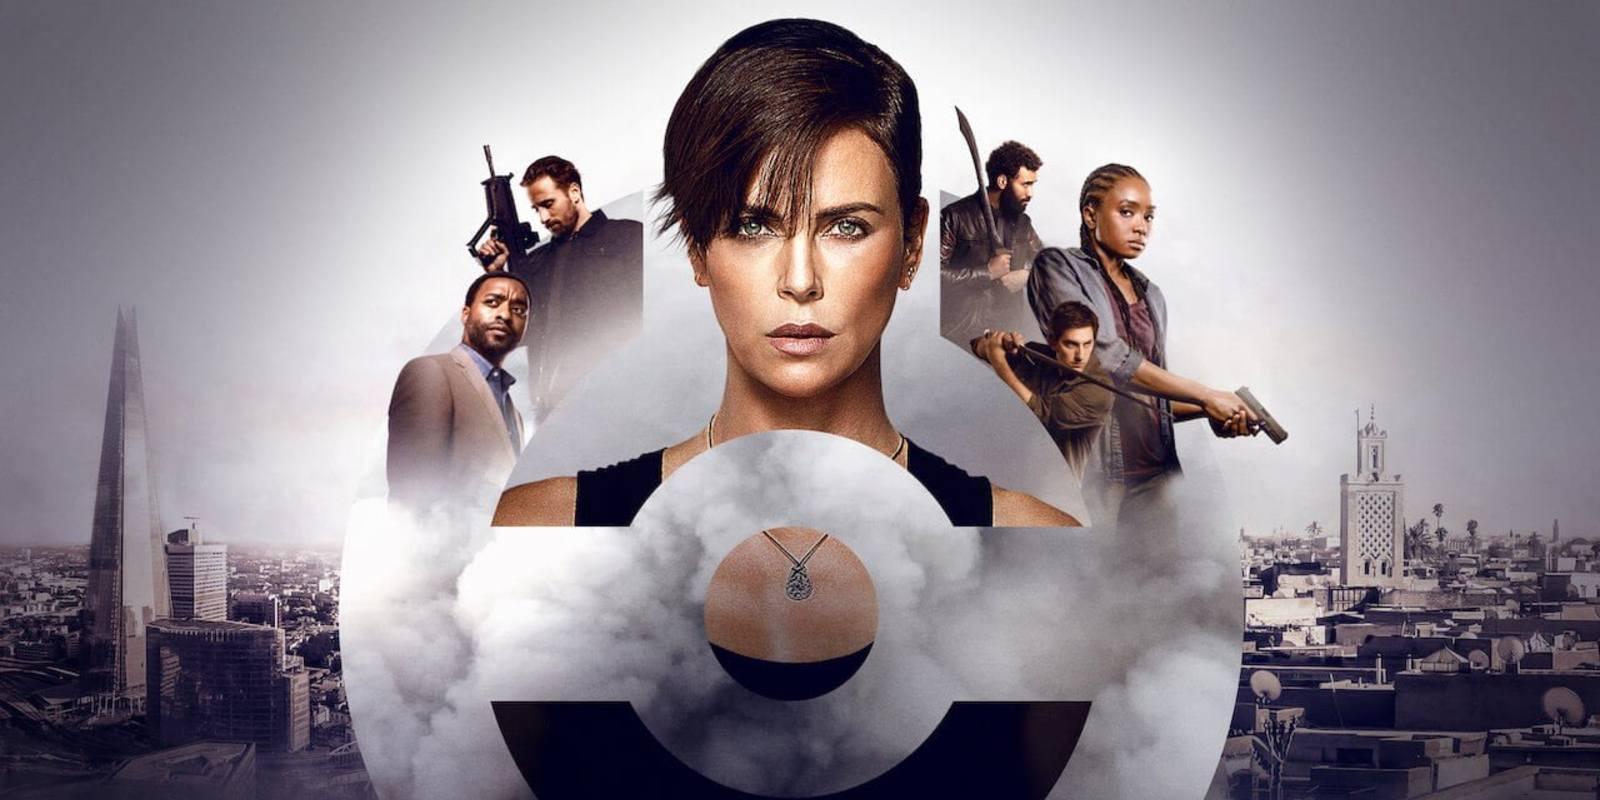 """Din 10 iulie, o vezi pe Anamaria Marinca în noua superproducție Netflix """"The Old Guard"""", cu Charlize Theron în rolul principal"""